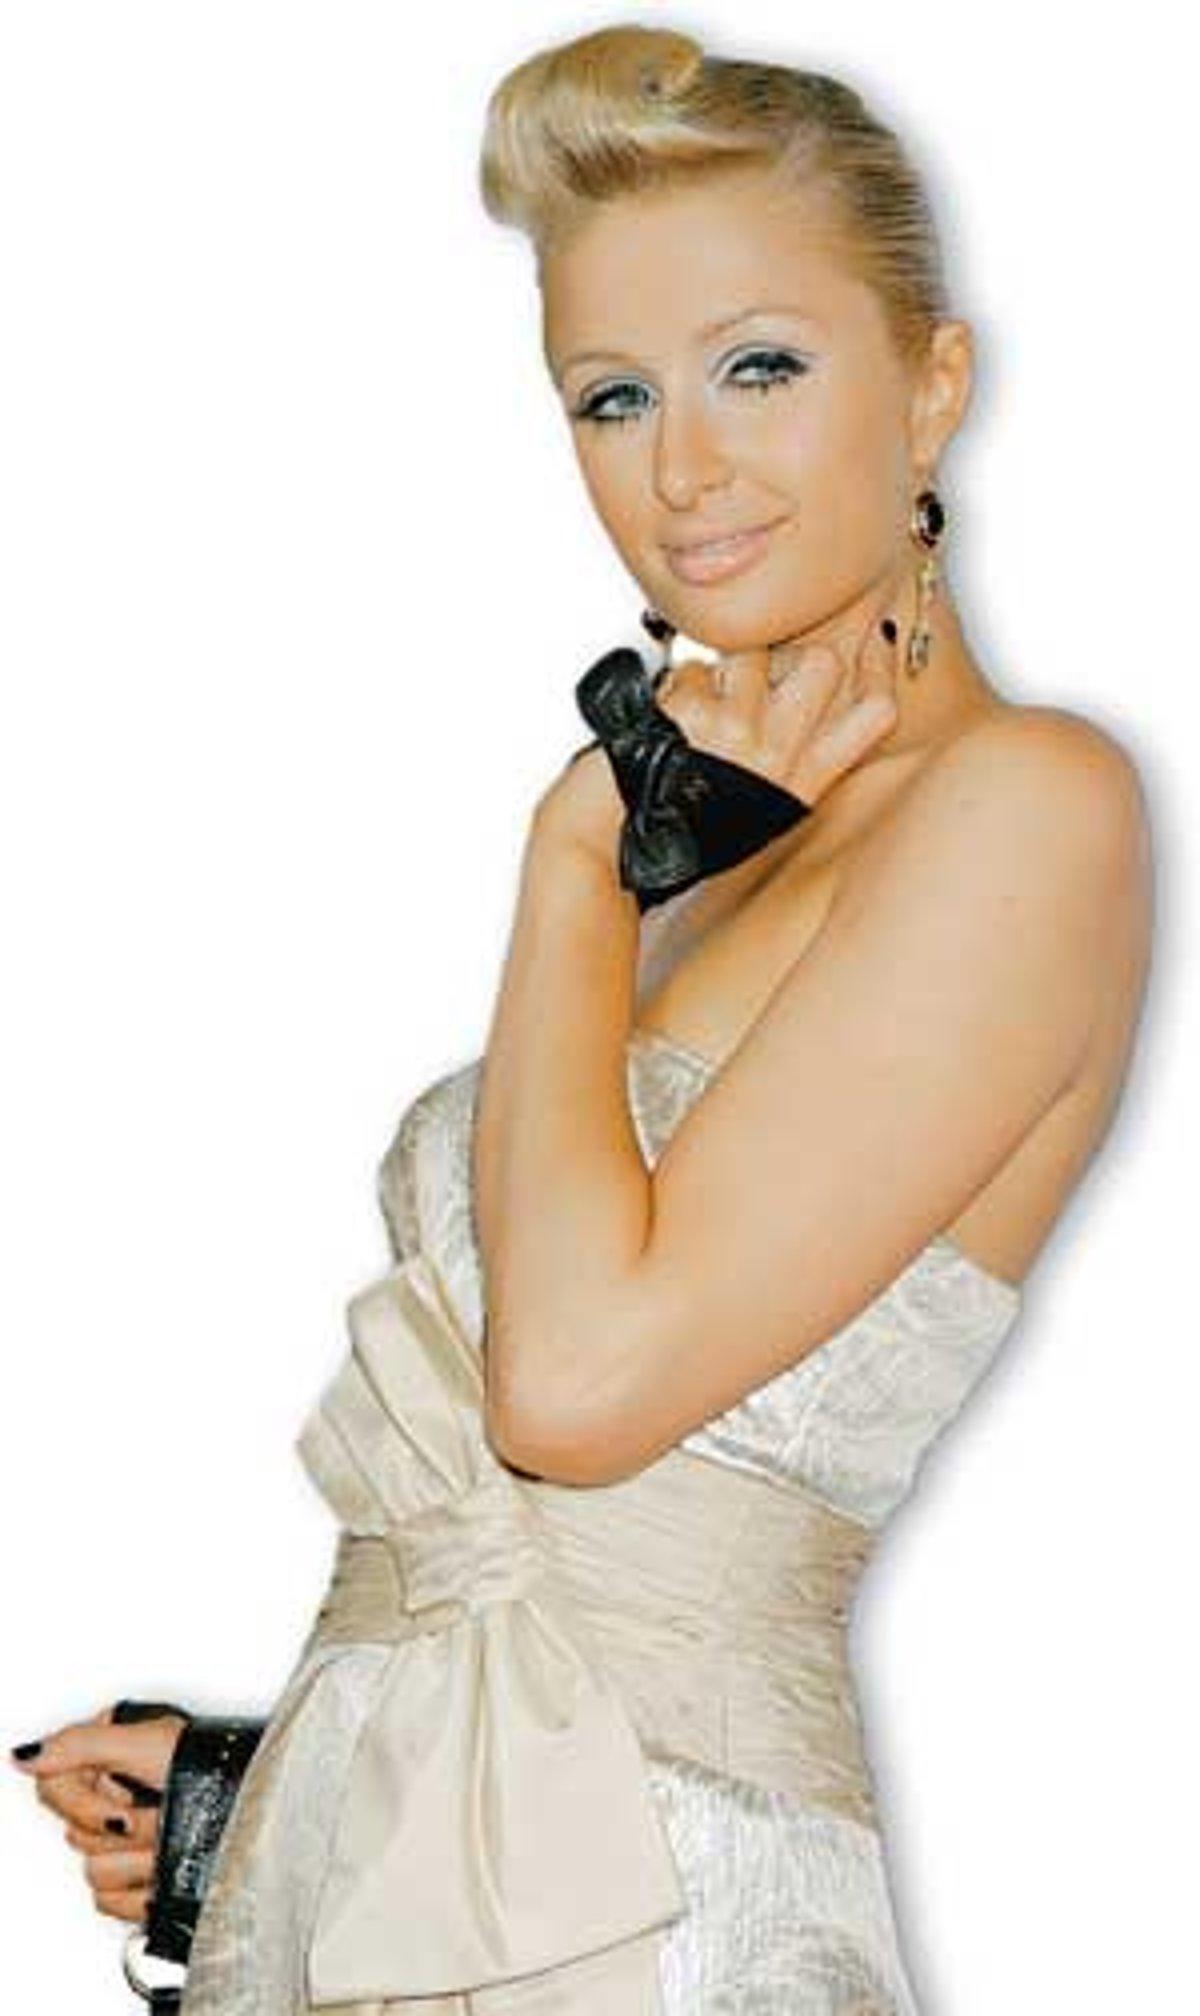 Paris Hilton fajčenie video príťažlivé čierne chlapci s veľkými kohúty